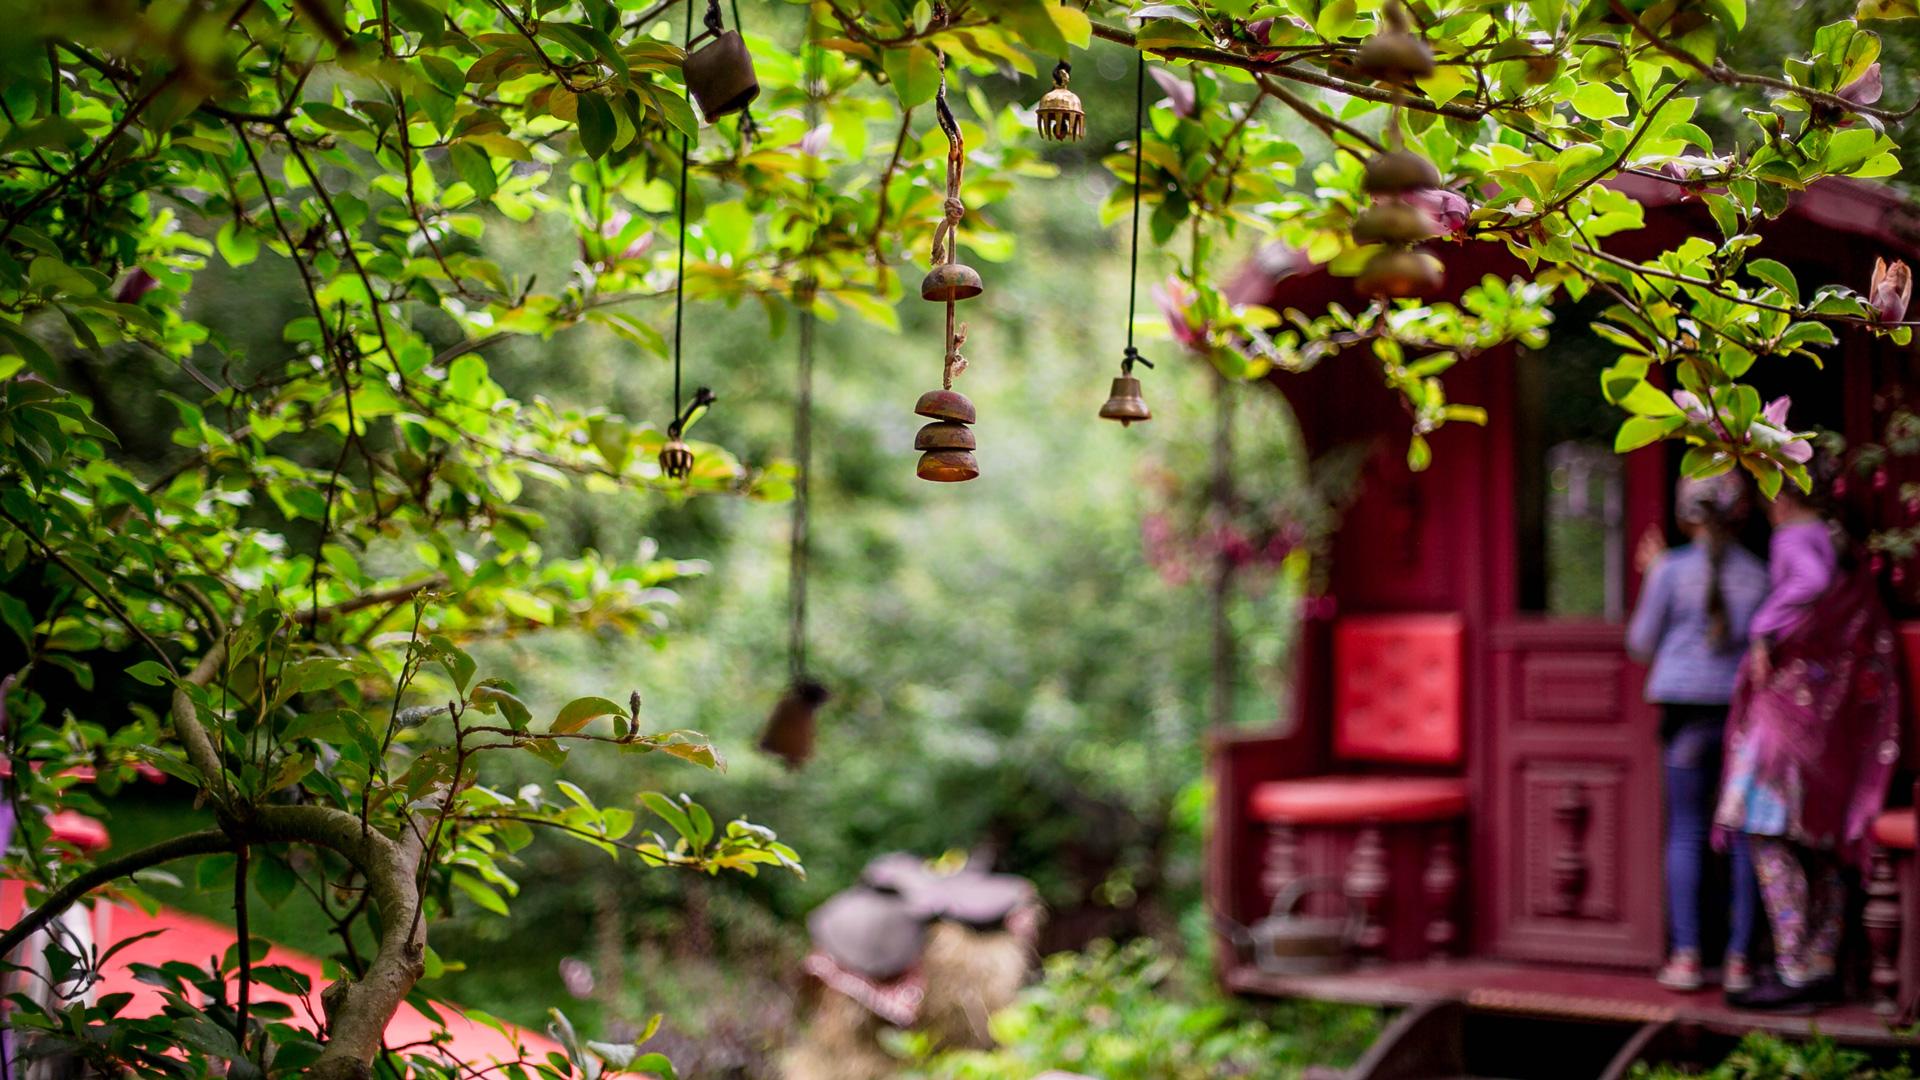 Les Jardins Du Moulin Paysagiste le moulin jaune | le jardin-théâtre